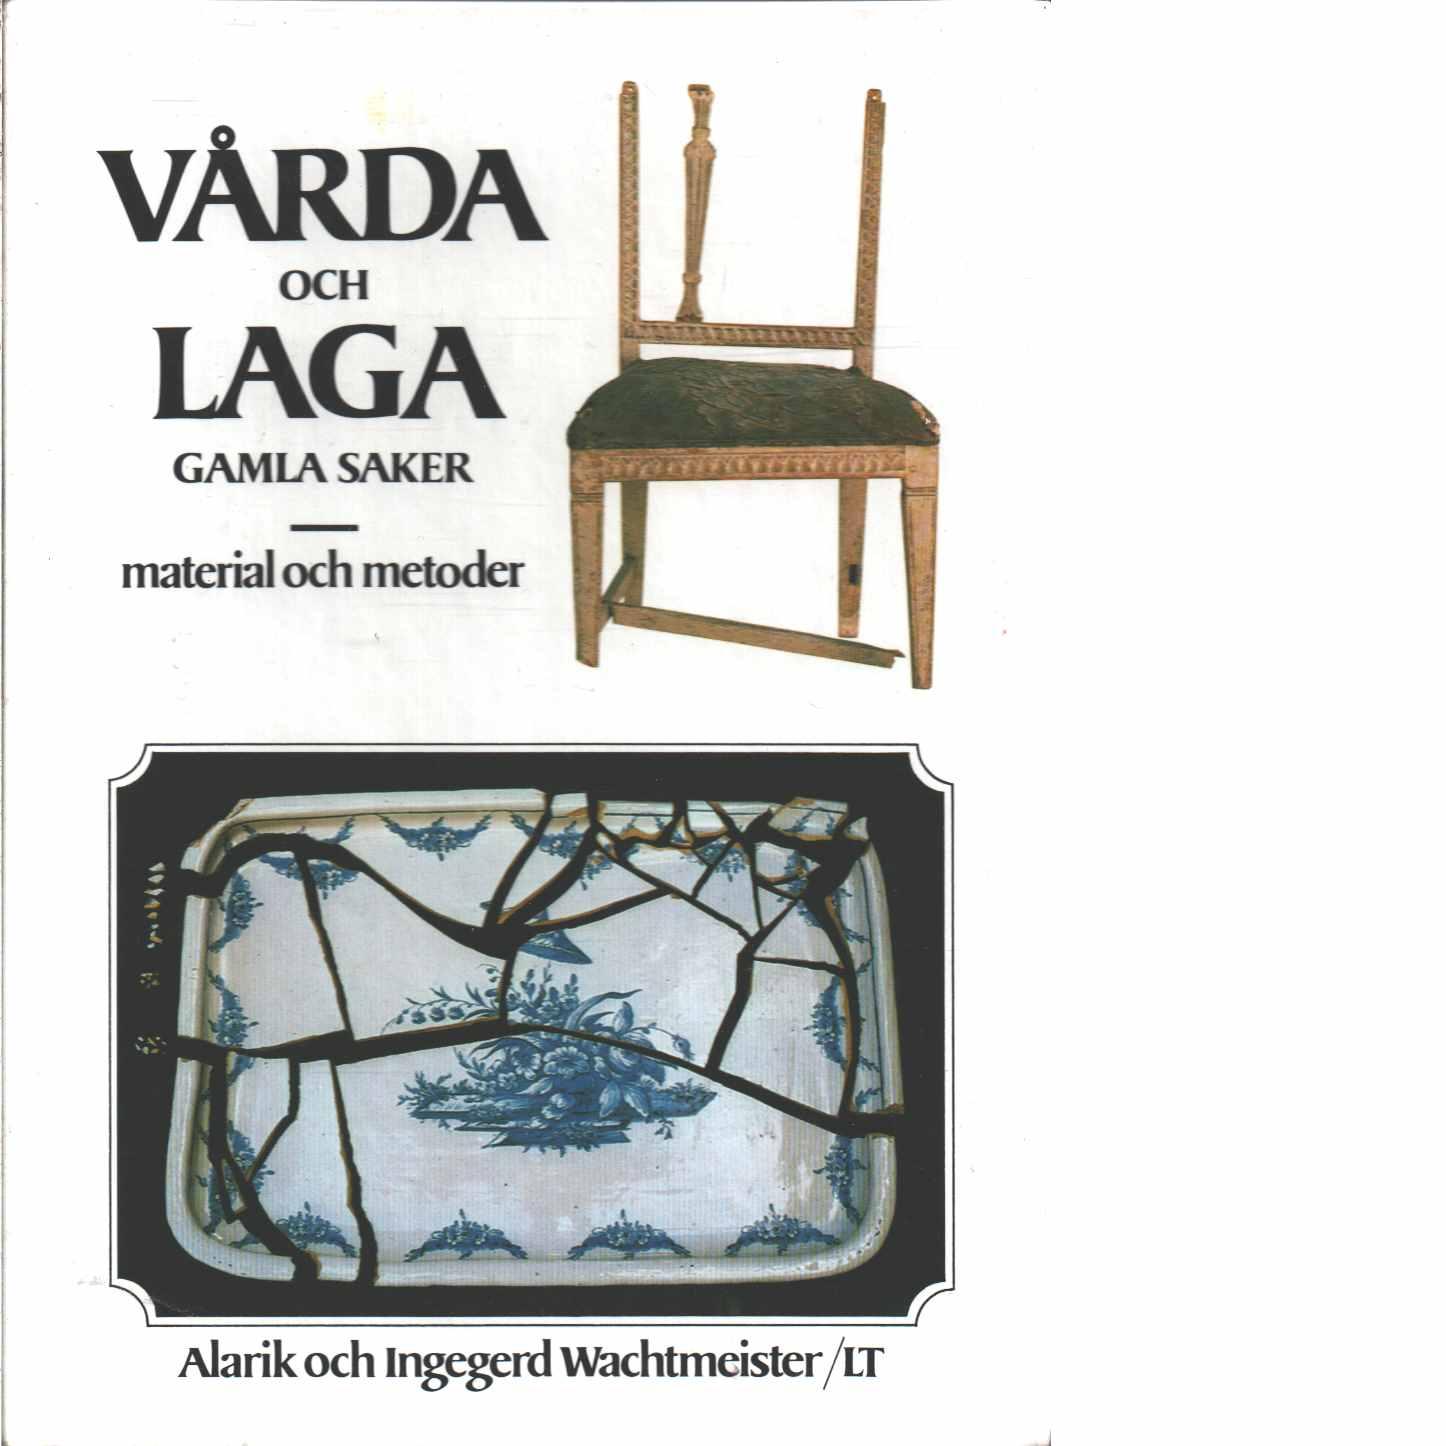 Vårda och laga gamla saker : material och metoder - Wachtmeister, Alarik och Wachtmeister, Ingegerd